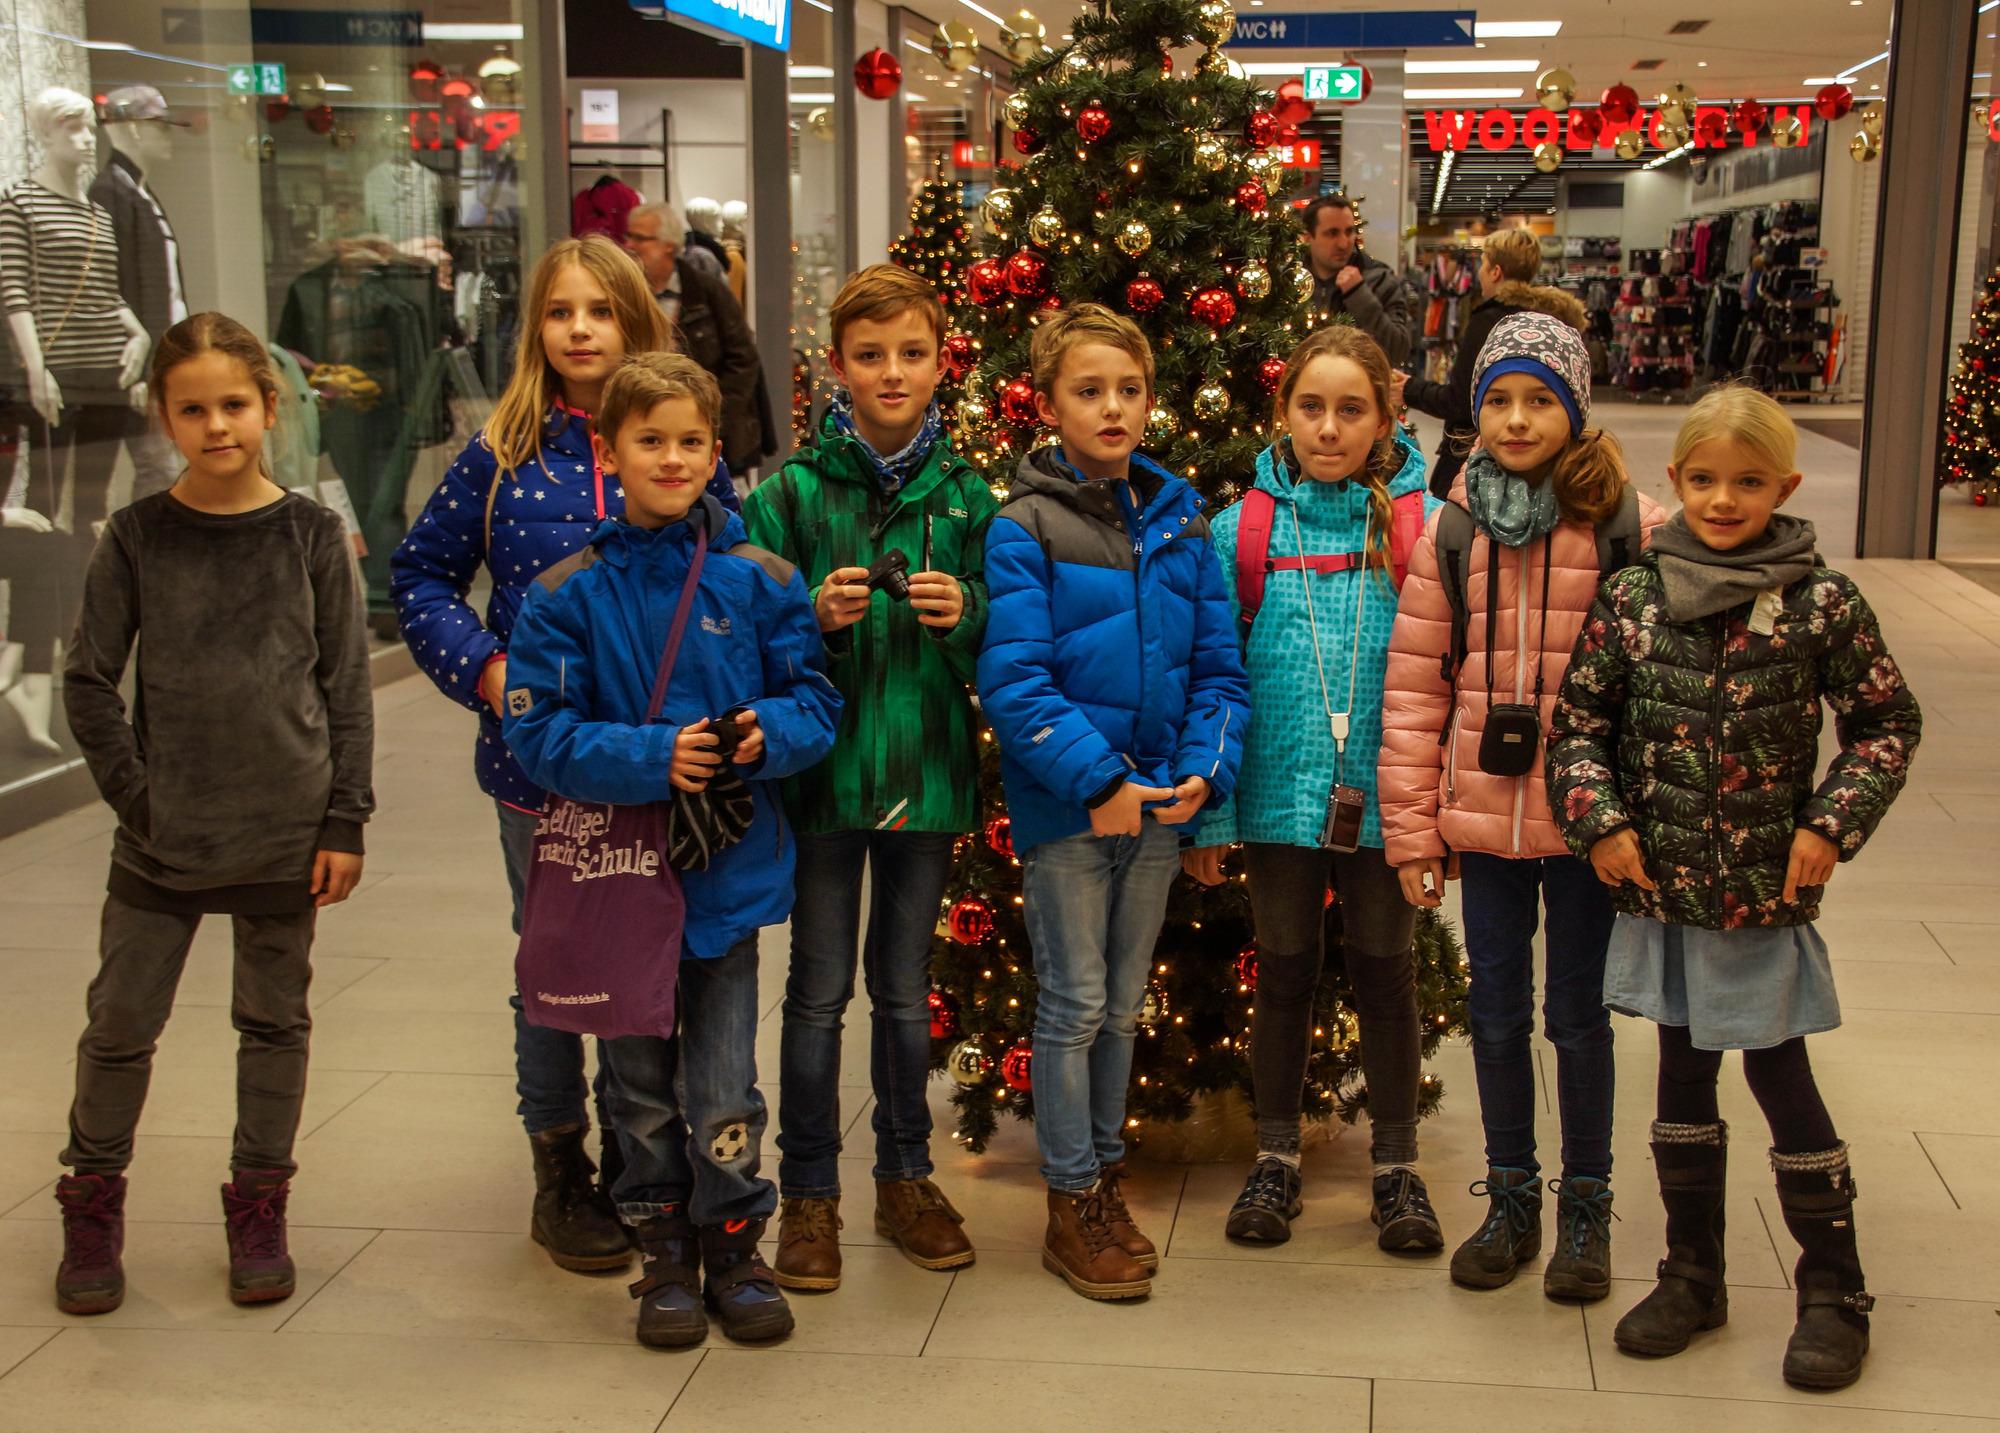 Weihnachten Feiern.Wie Menschen In Anderen Ländern Weihnachten Feiern Startseite